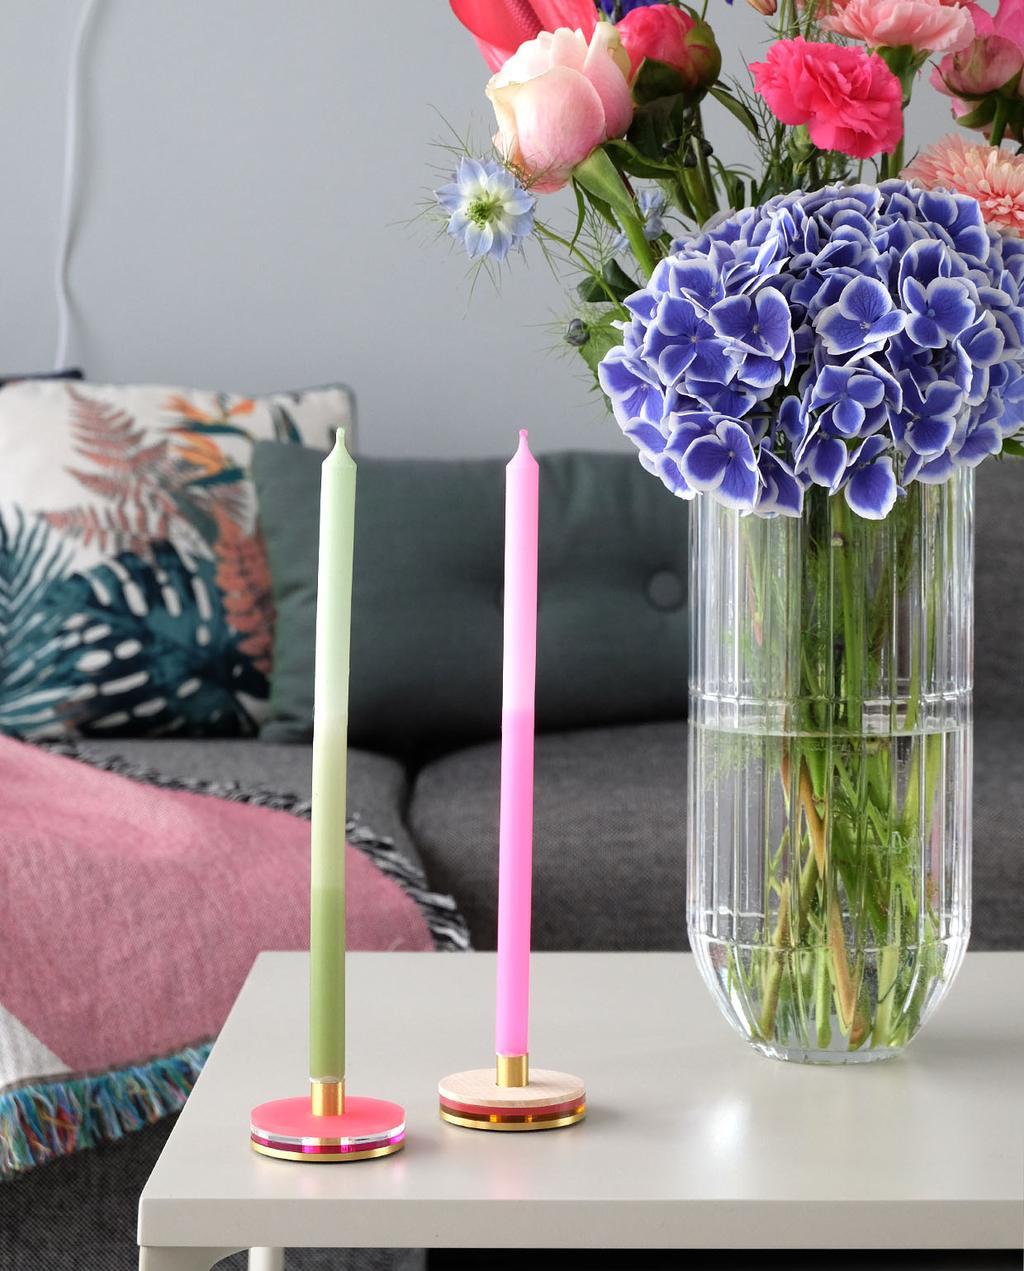 vtwonen blog PRCHTG | nieuwe aanwinsten design gekleurde kaarsen felgroen en felroze